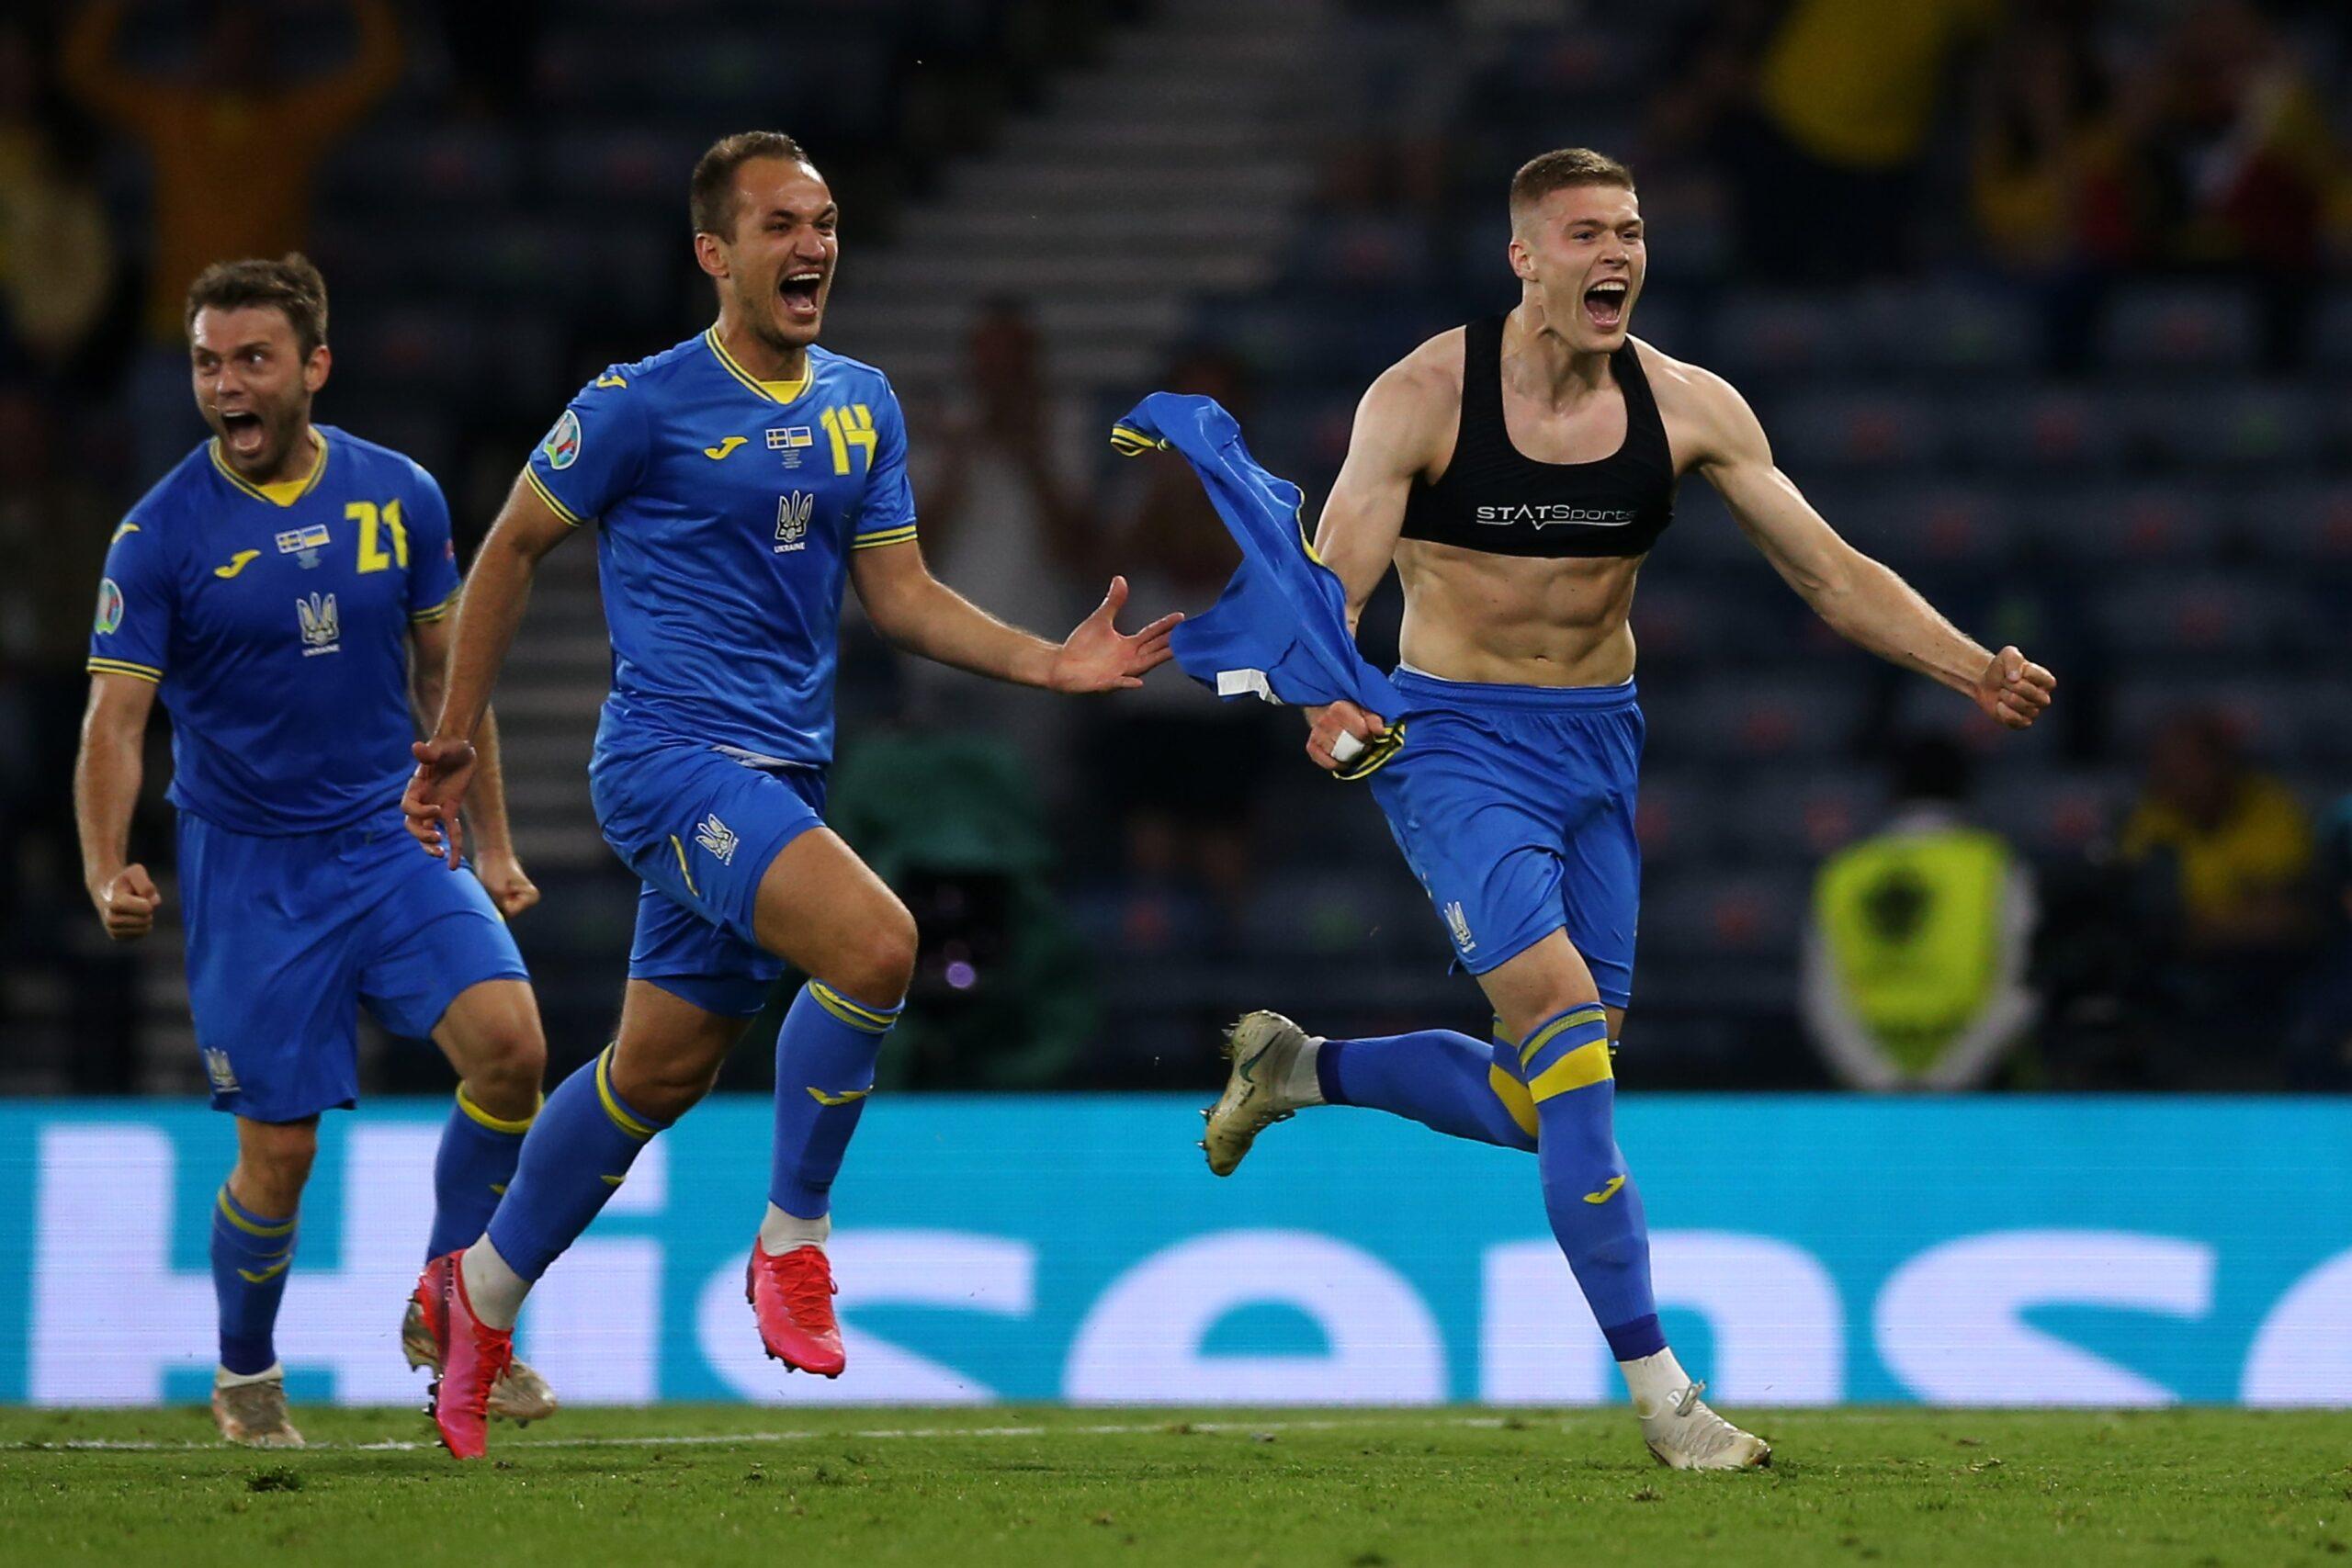 Na prorrogação Ucrânia vence a Suécia e se classifica